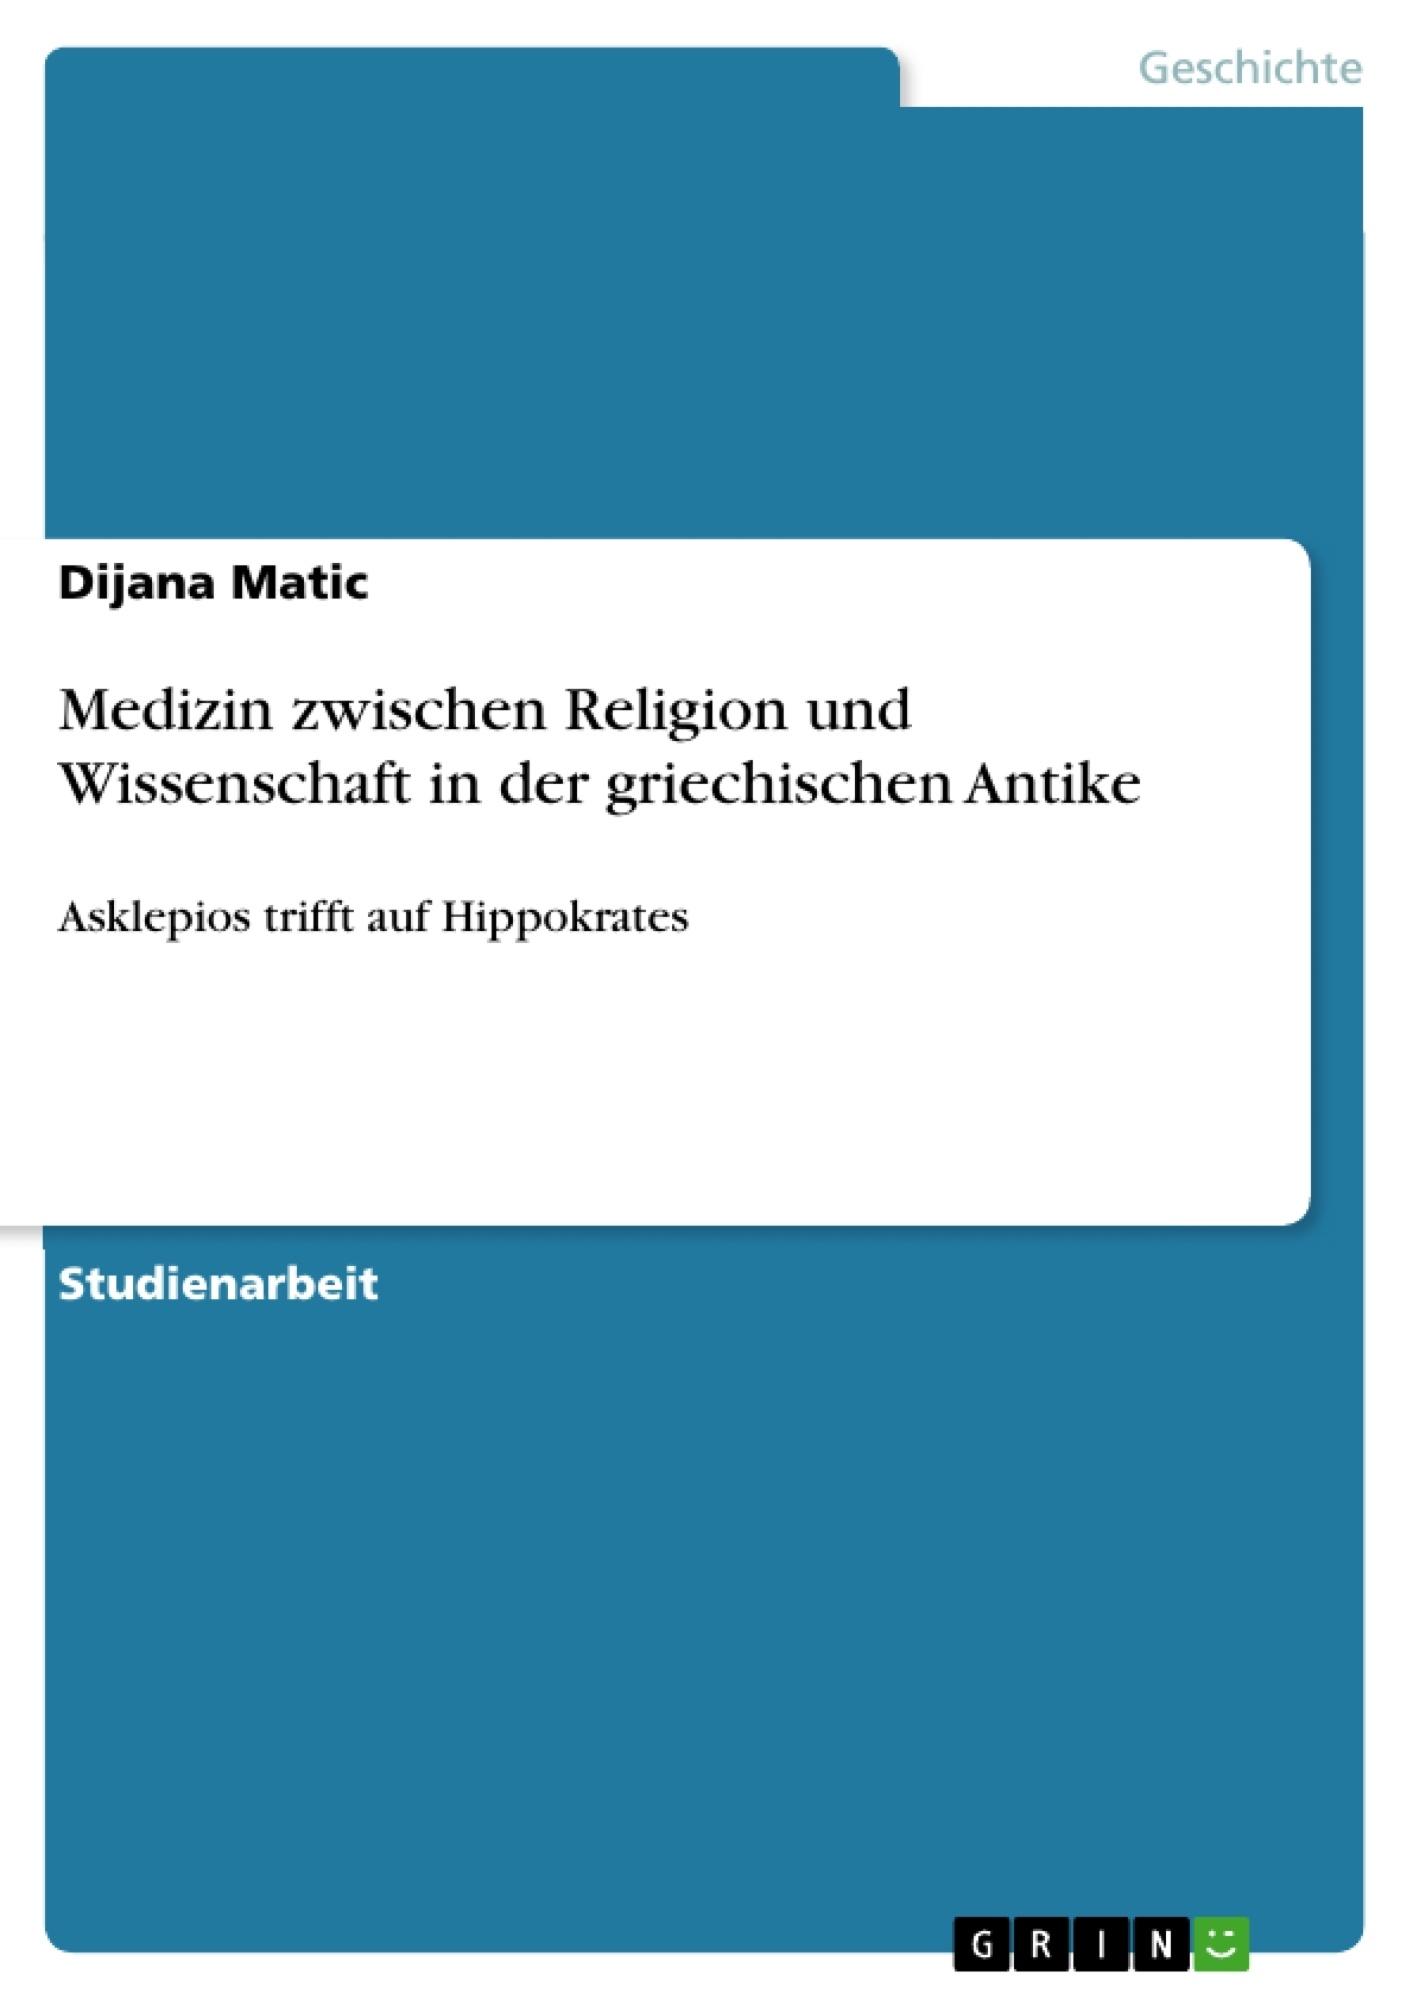 Titel: Medizin zwischen Religion und Wissenschaft in der griechischen Antike